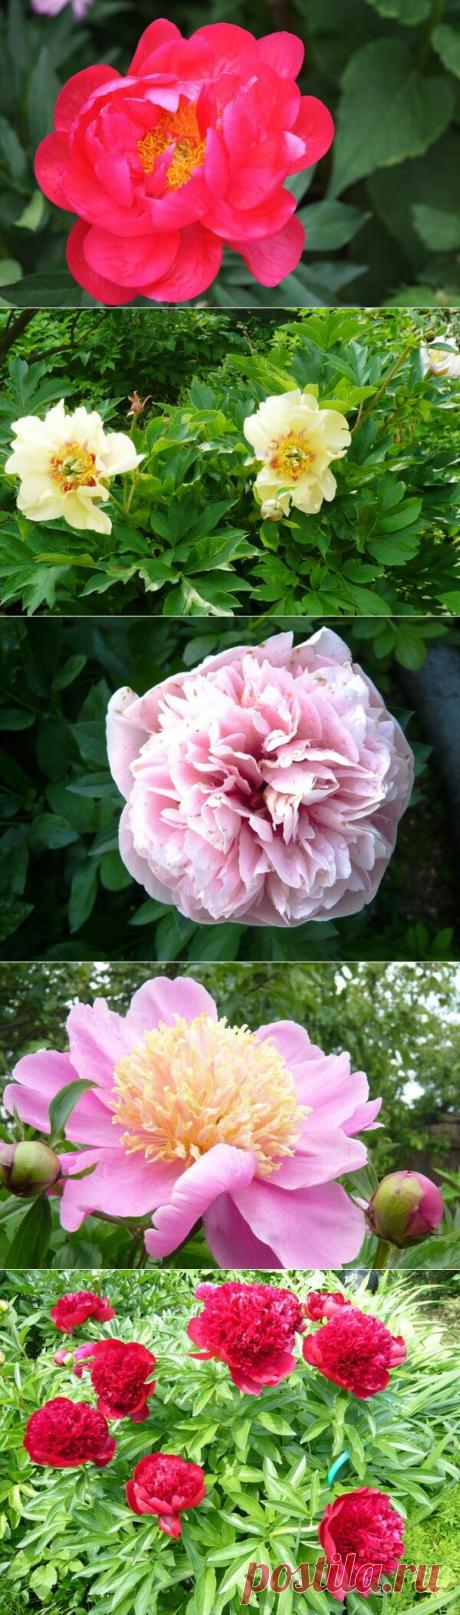 Уход за пионами весной, летом и осенью | Блоги о даче, рецептах, рыбалке #Садидача, #Цветы, #Осень, #Лето  Роскошные шапки пионов на крепких цветоносах – гордость любого сада. Их цветение особенно желанно после долгой зимы.  Пионы, пожалуй, одни из самых крупных цветов среди многолетников.